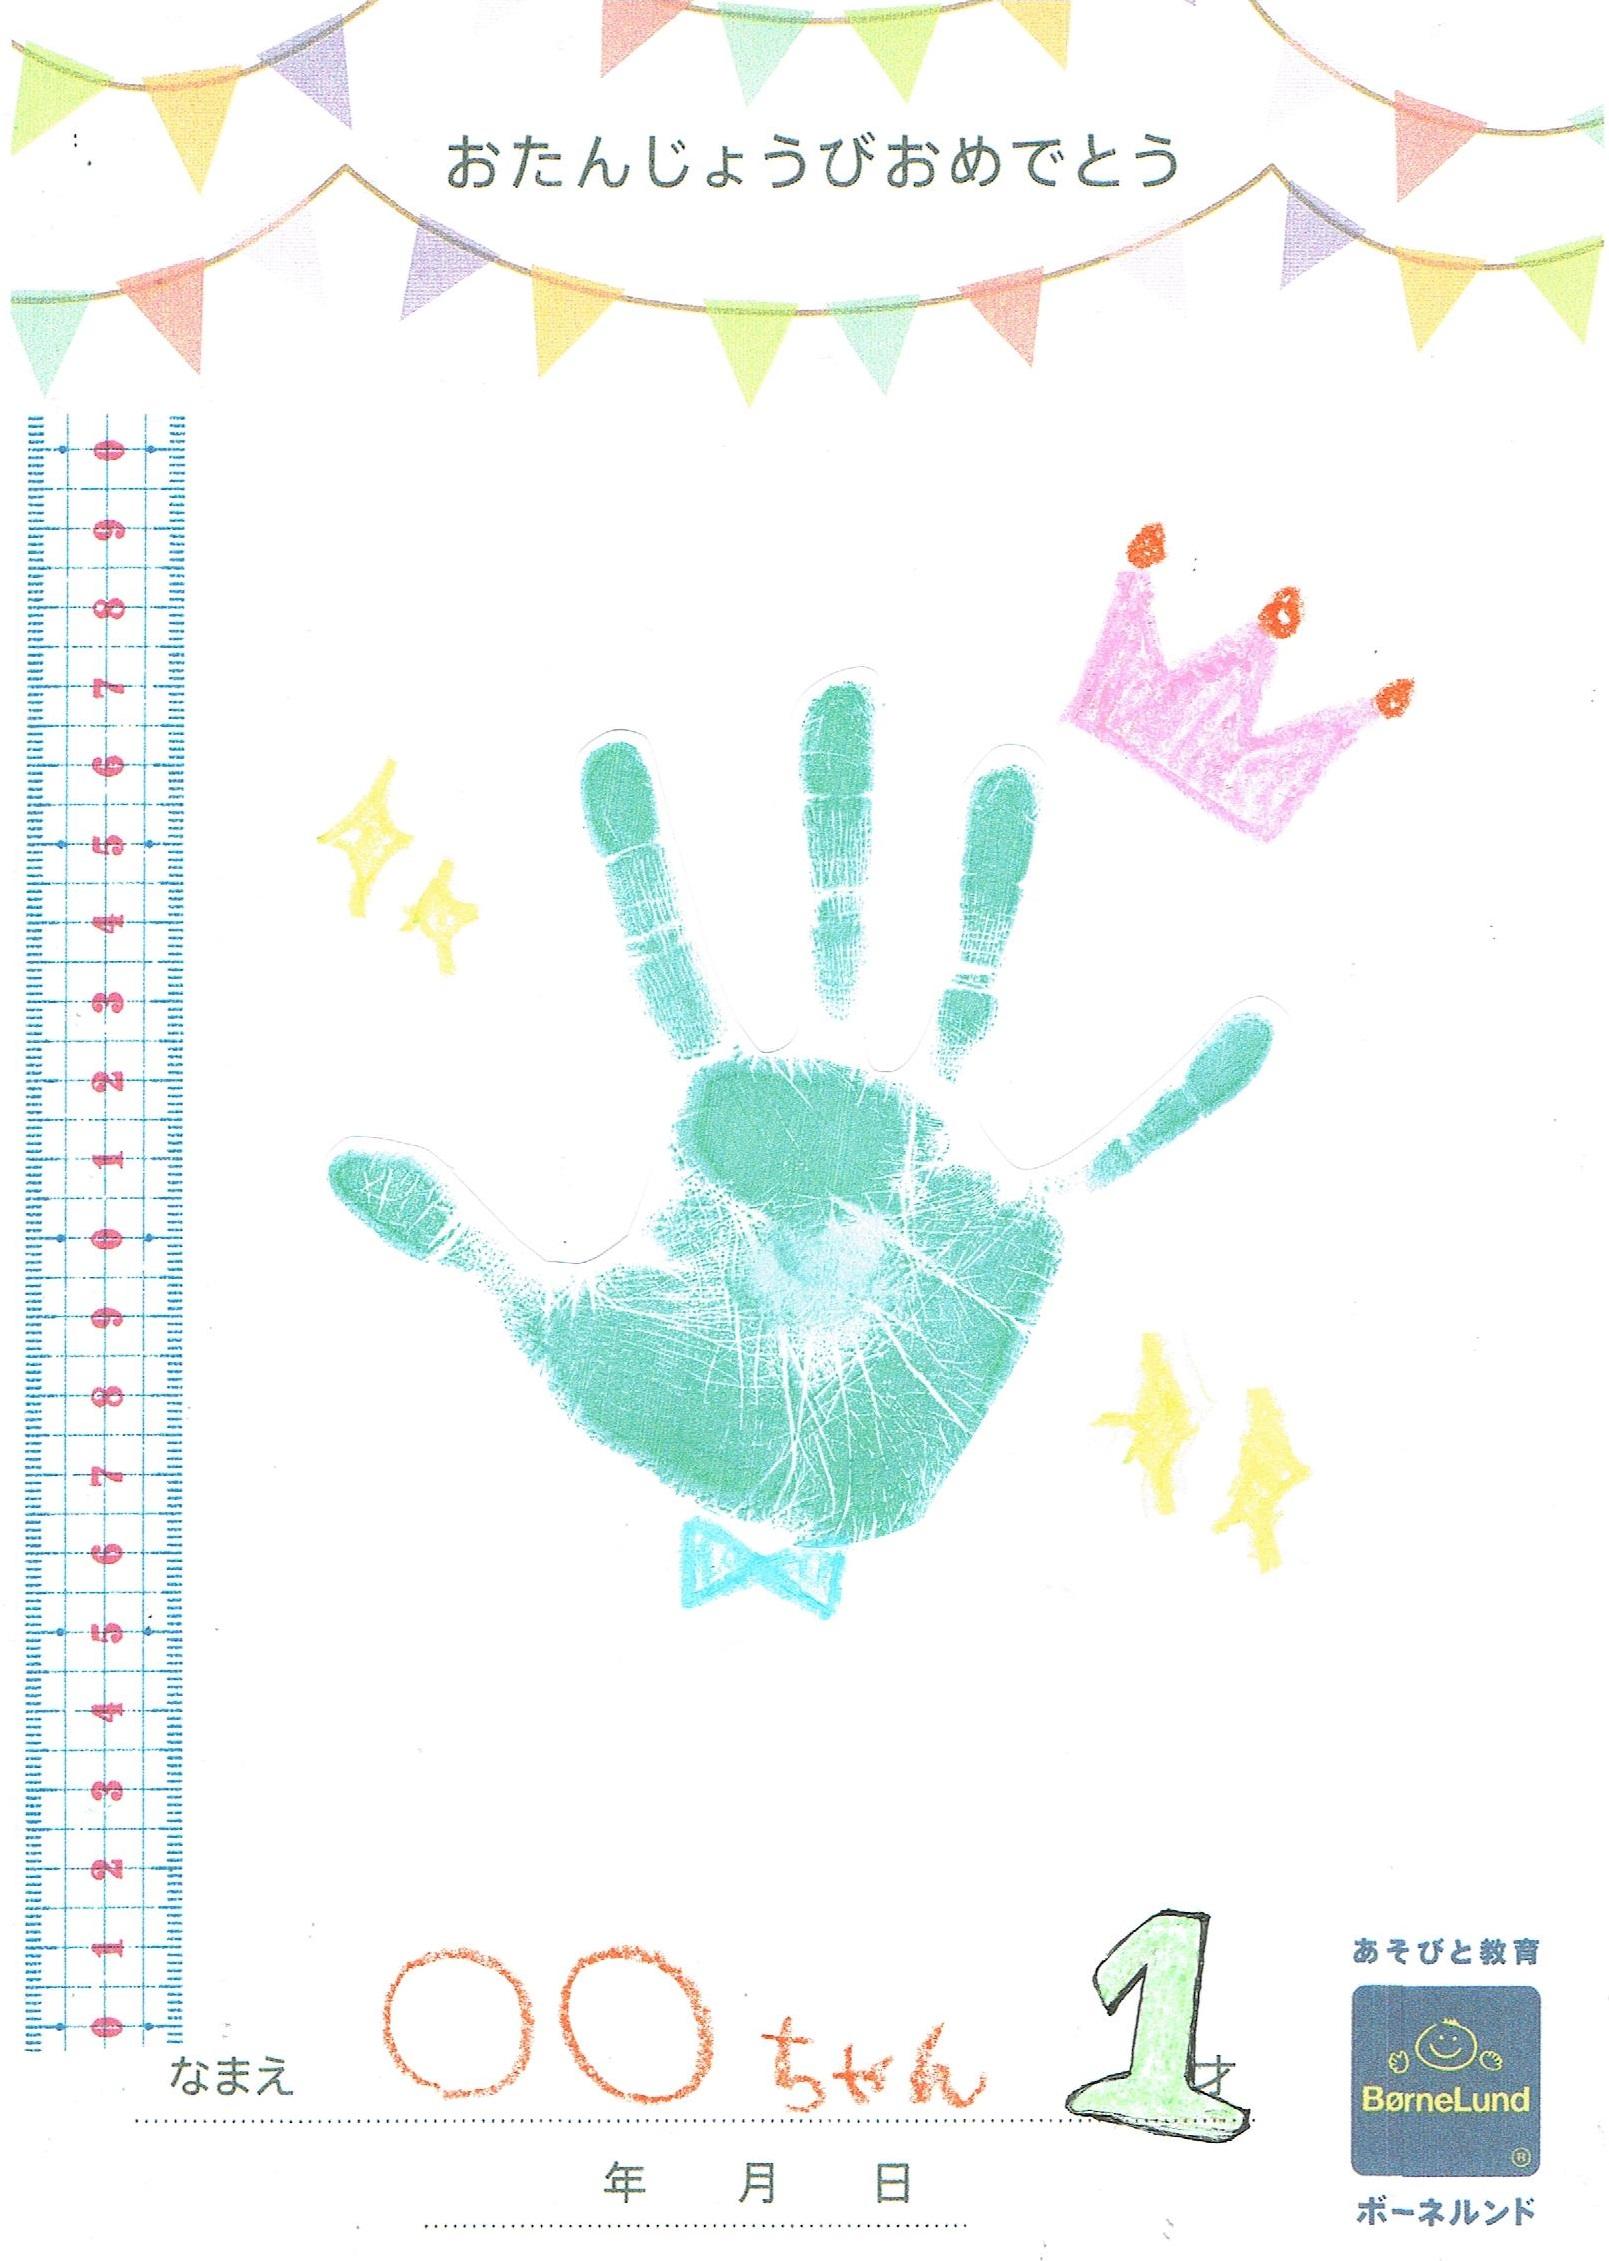 お誕生会~記念の手形をとろう~